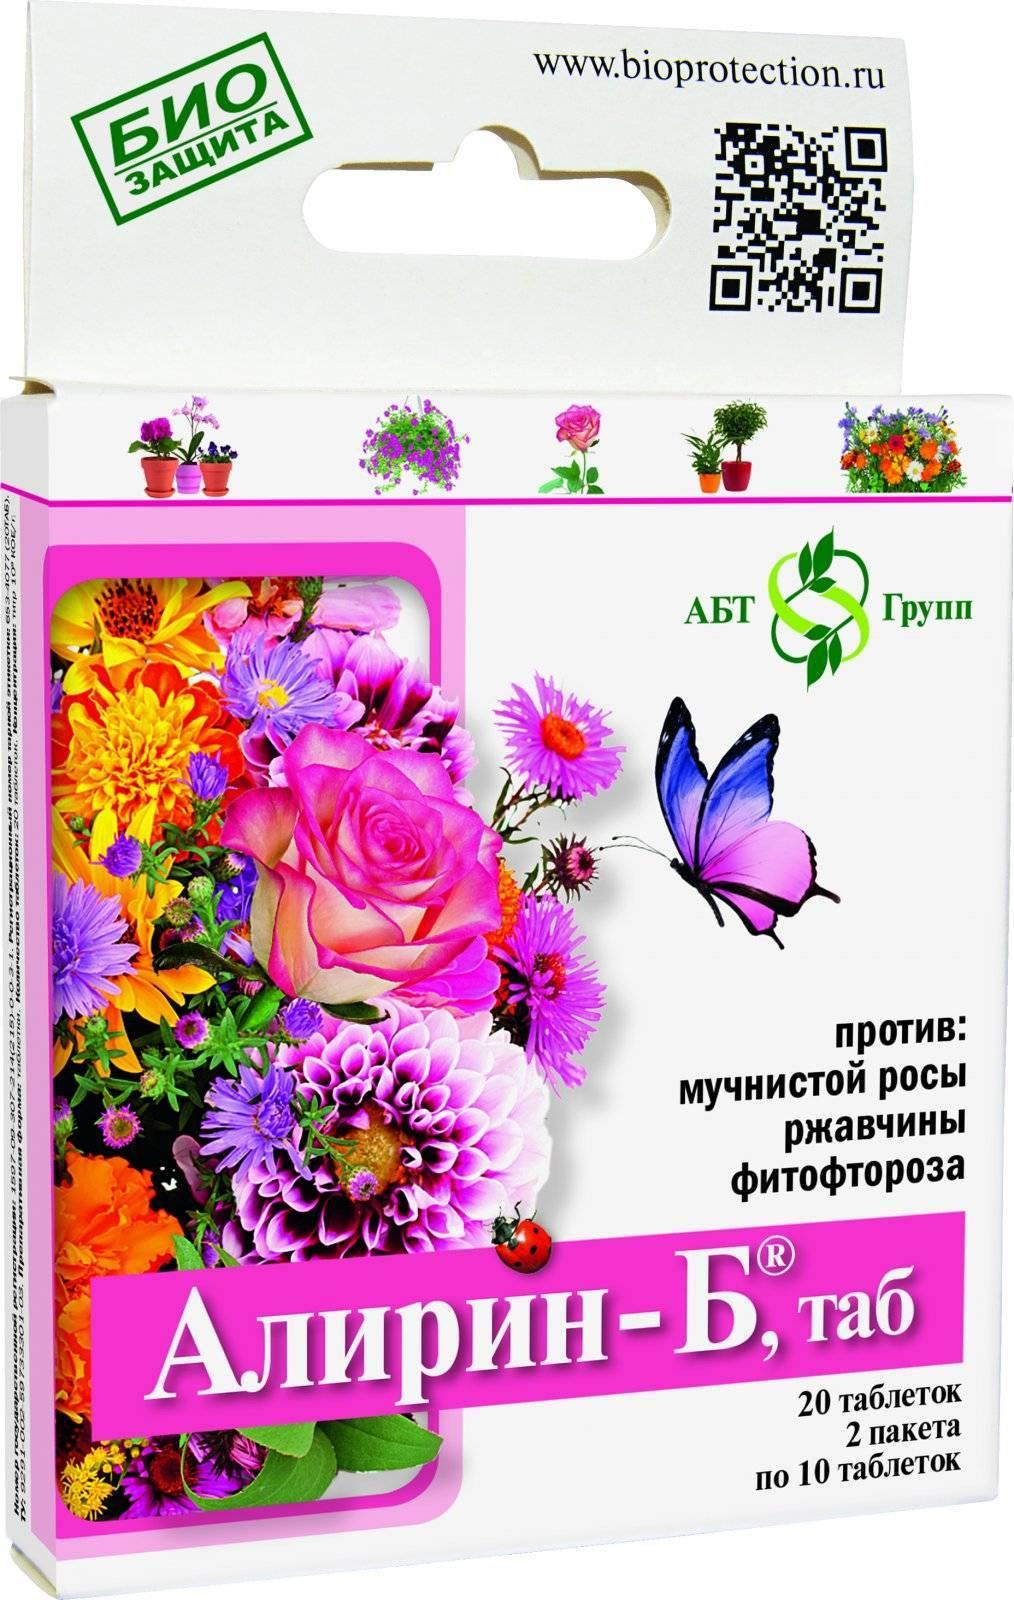 Алирин-б, гамаир, глиокладин, трихоцин: обзор биопрепаратов для защиты растений